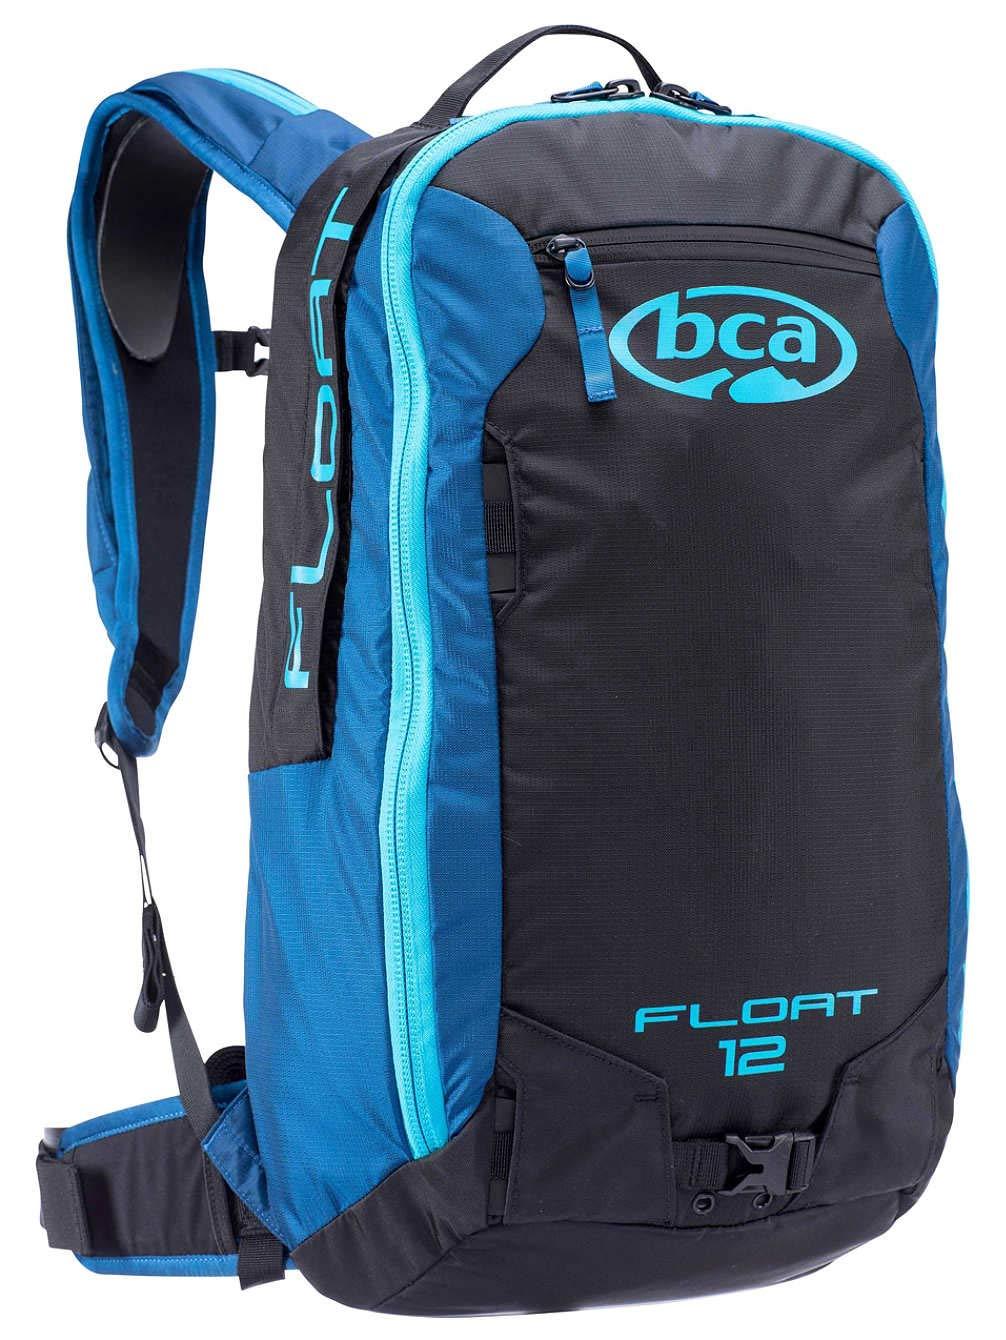 Bca Float 2.0 Lawinenrucksack B07FSFYFB7 B07FSFYFB7 B07FSFYFB7 Tourenruckscke Sehr gelobt und vom Publikum der Verbraucher geschätzt d21030